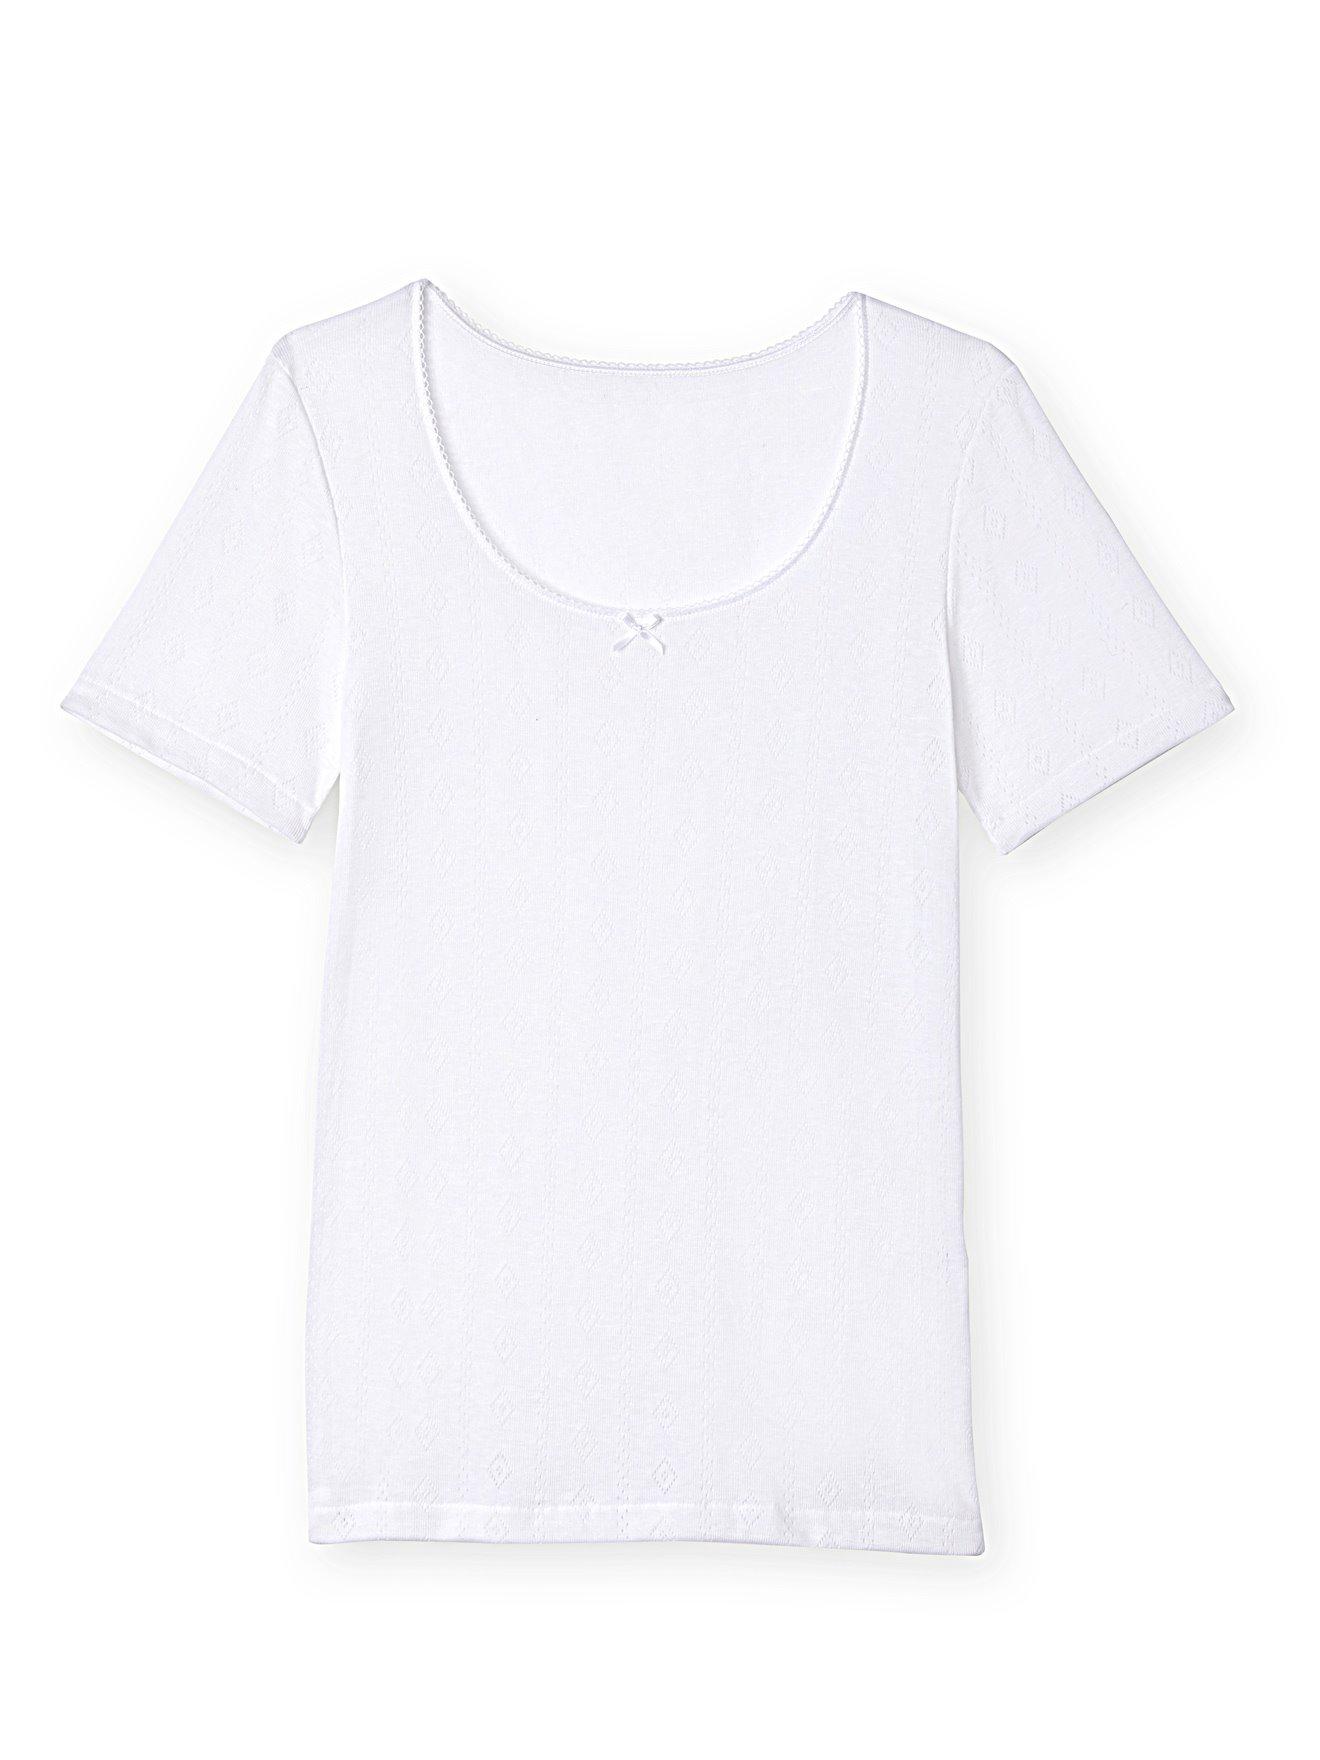 BALSAMIK Chemises de corps Blanc Taille : 54/56